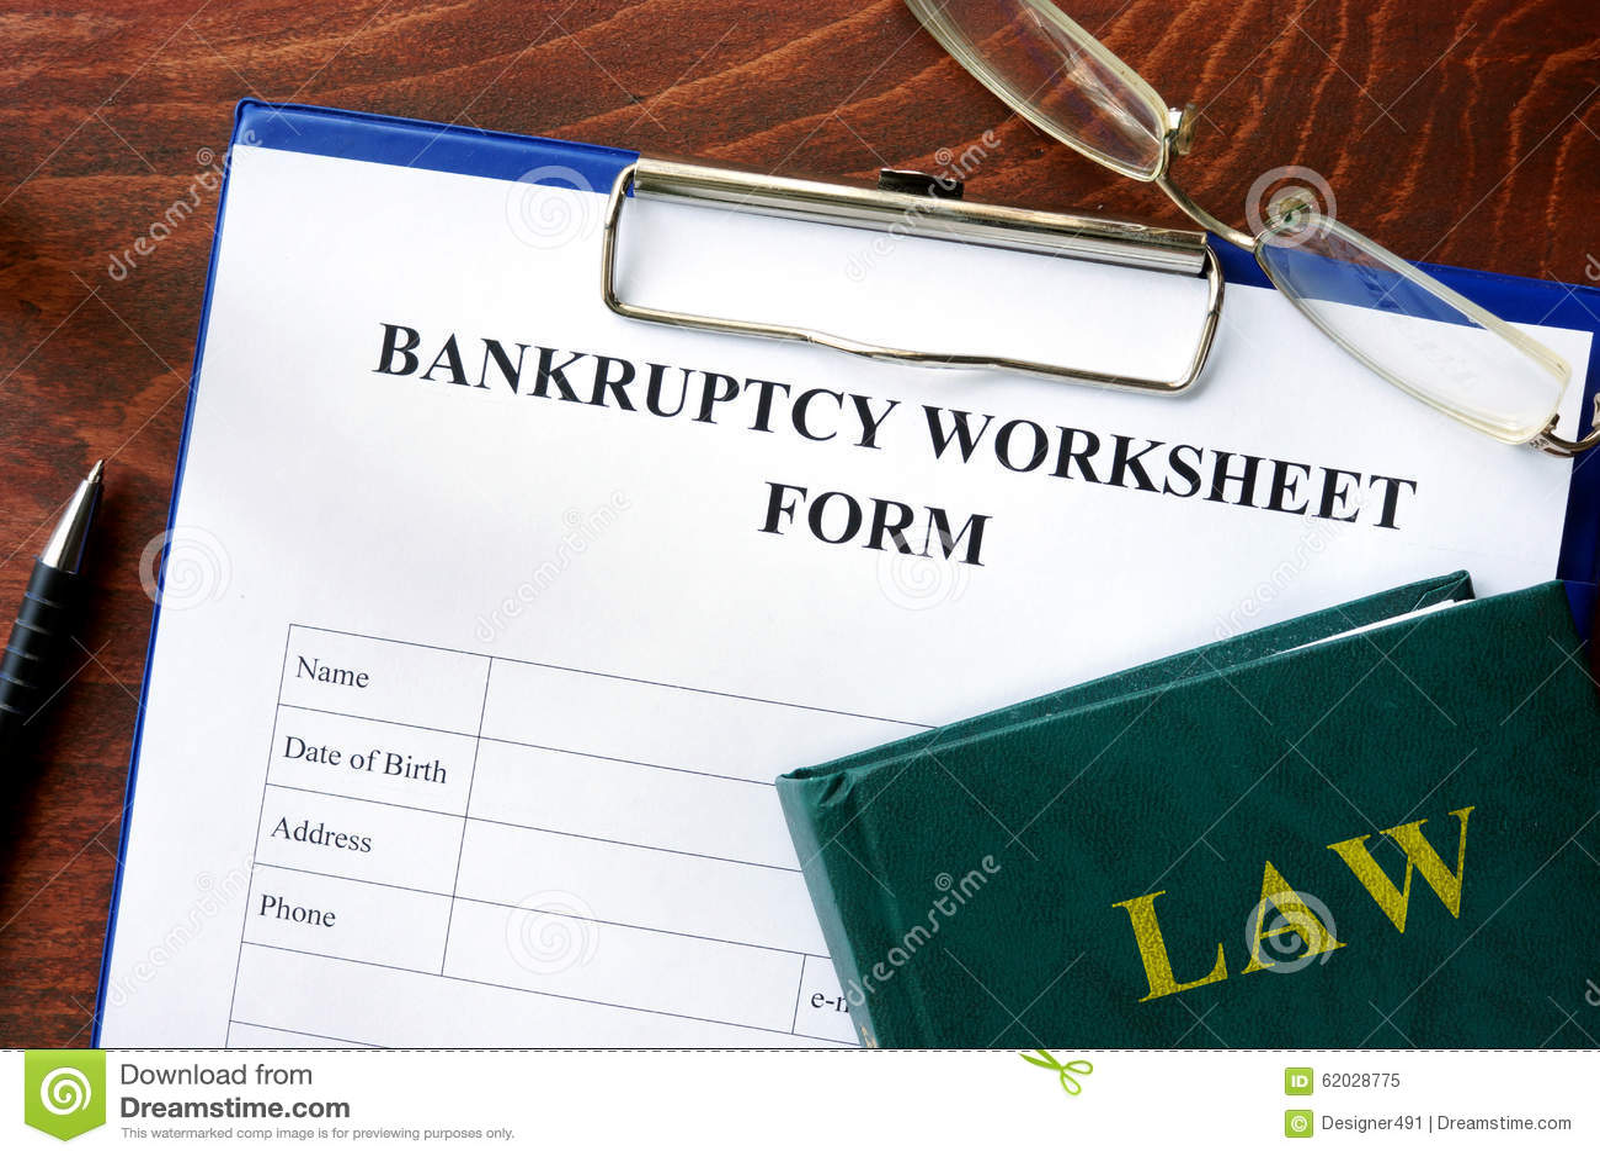 Bankruptcy Worksheet Form Stock Image Image Of Finance